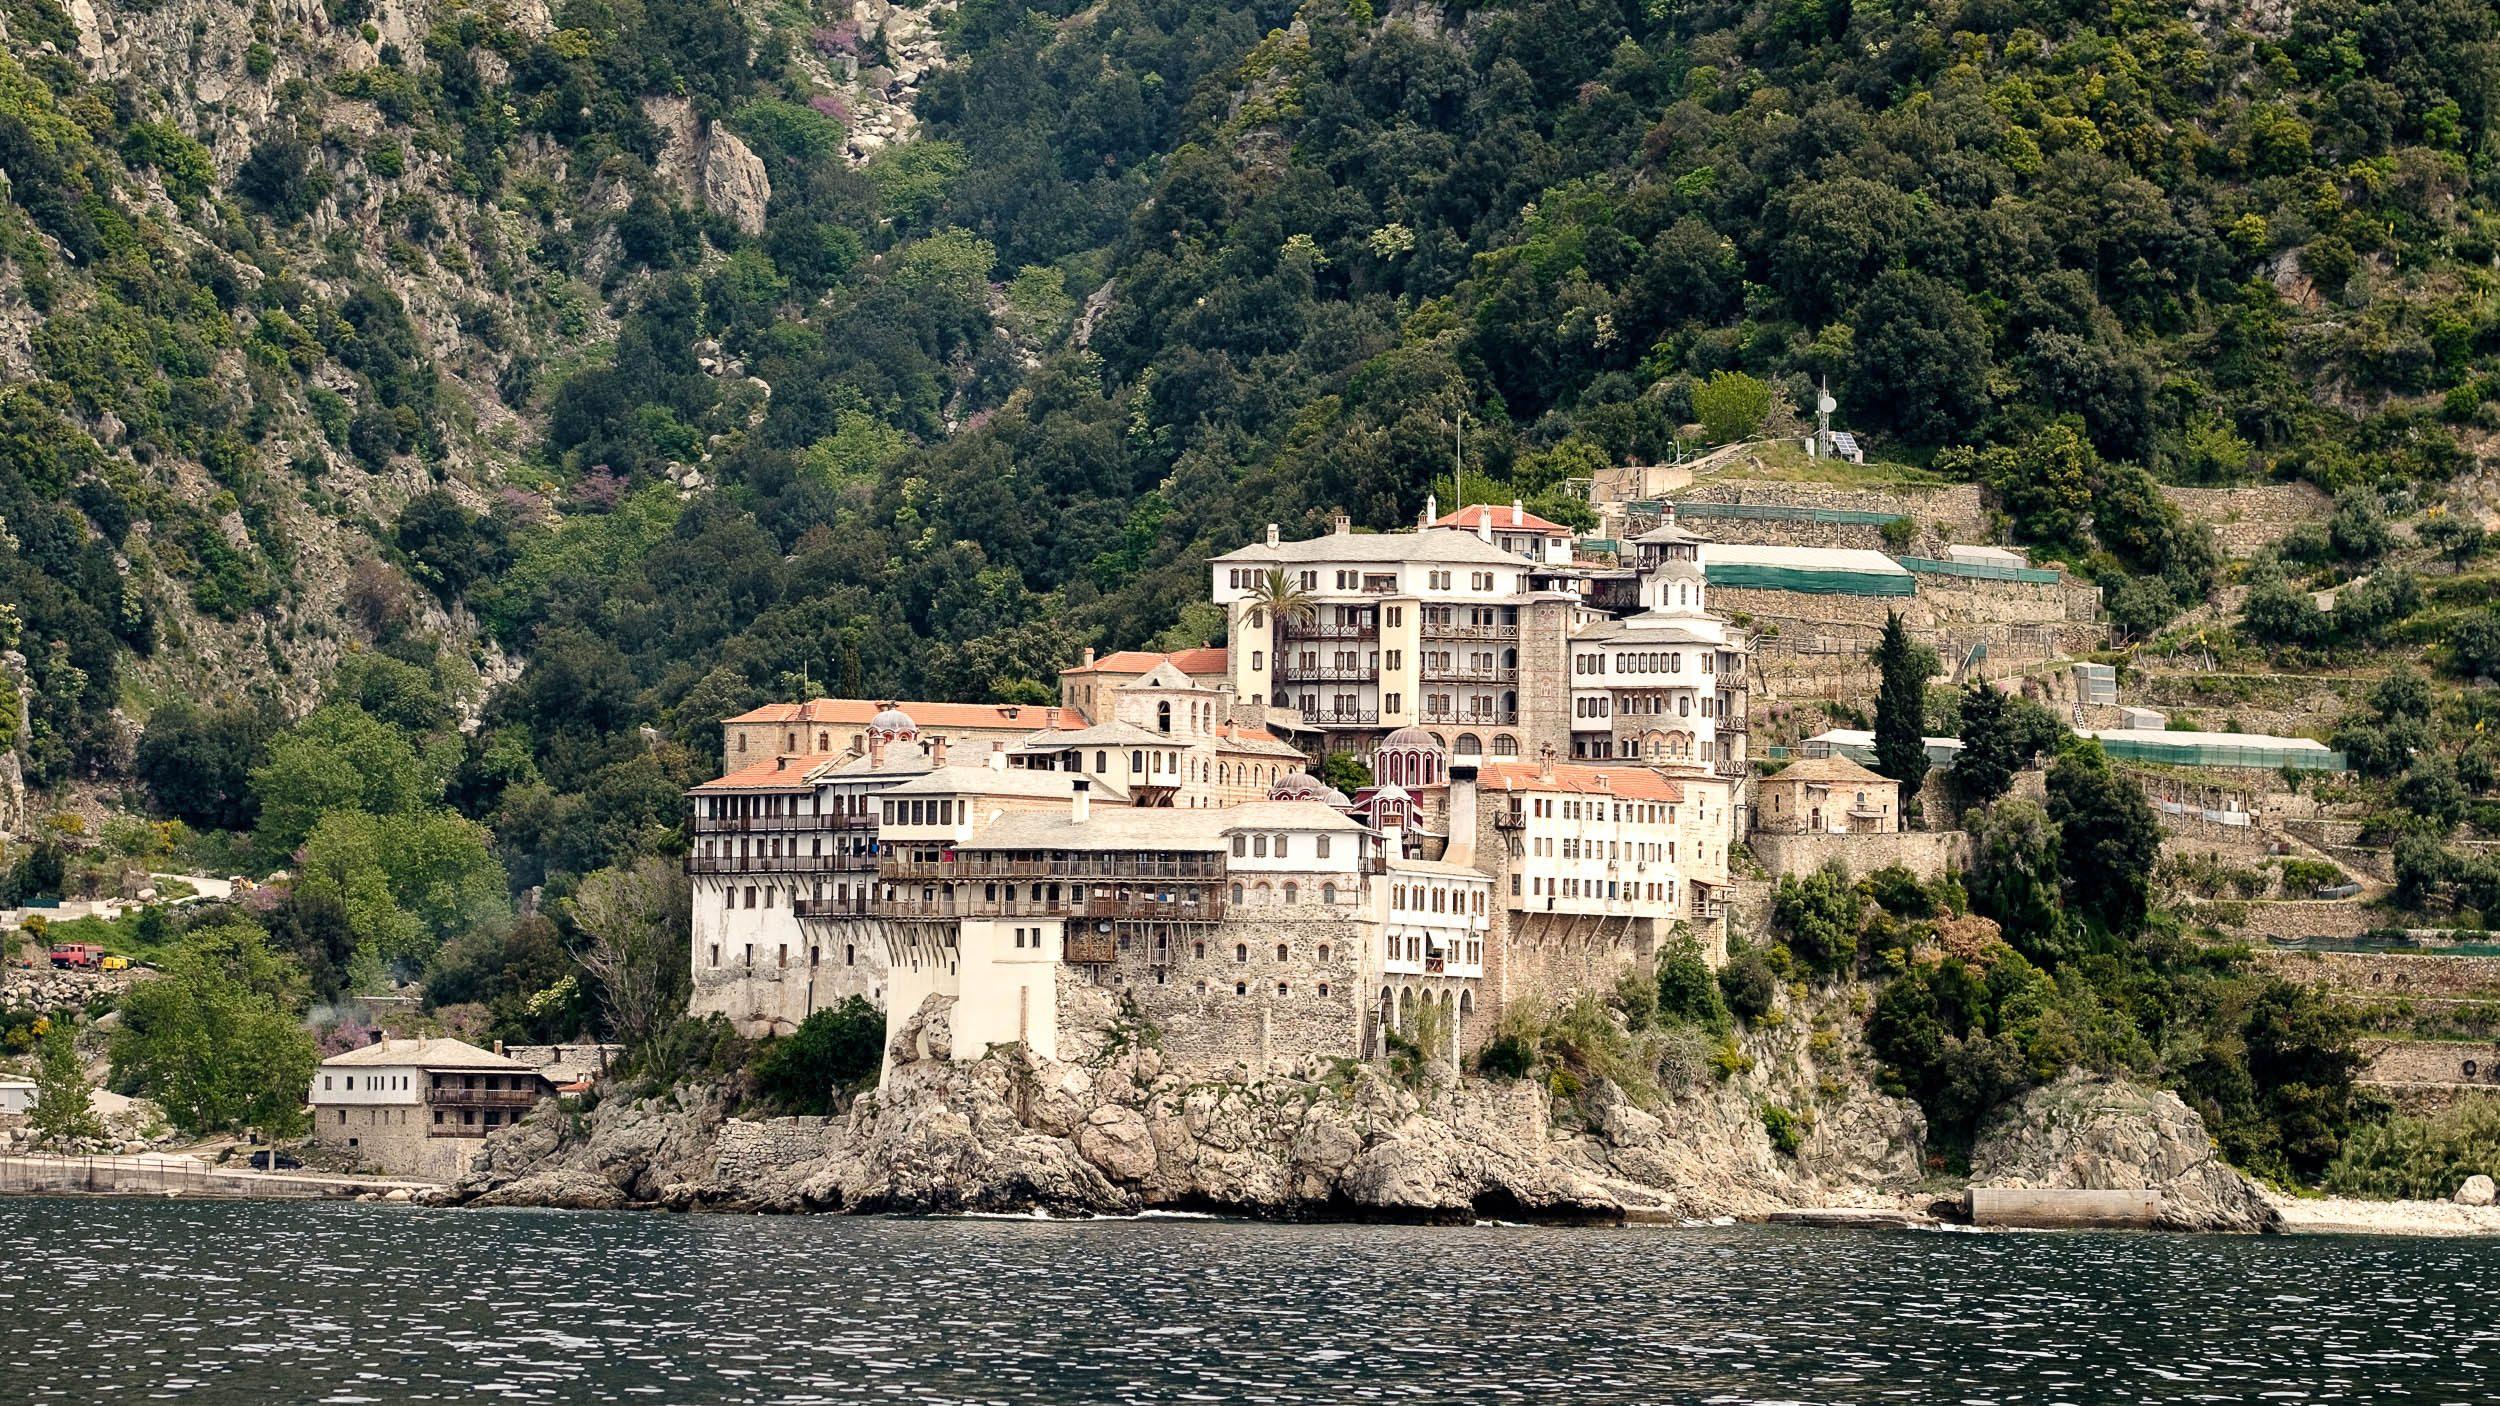 Klosteranlage Mönchsrepublik Athos, Griechenland, Ägäis